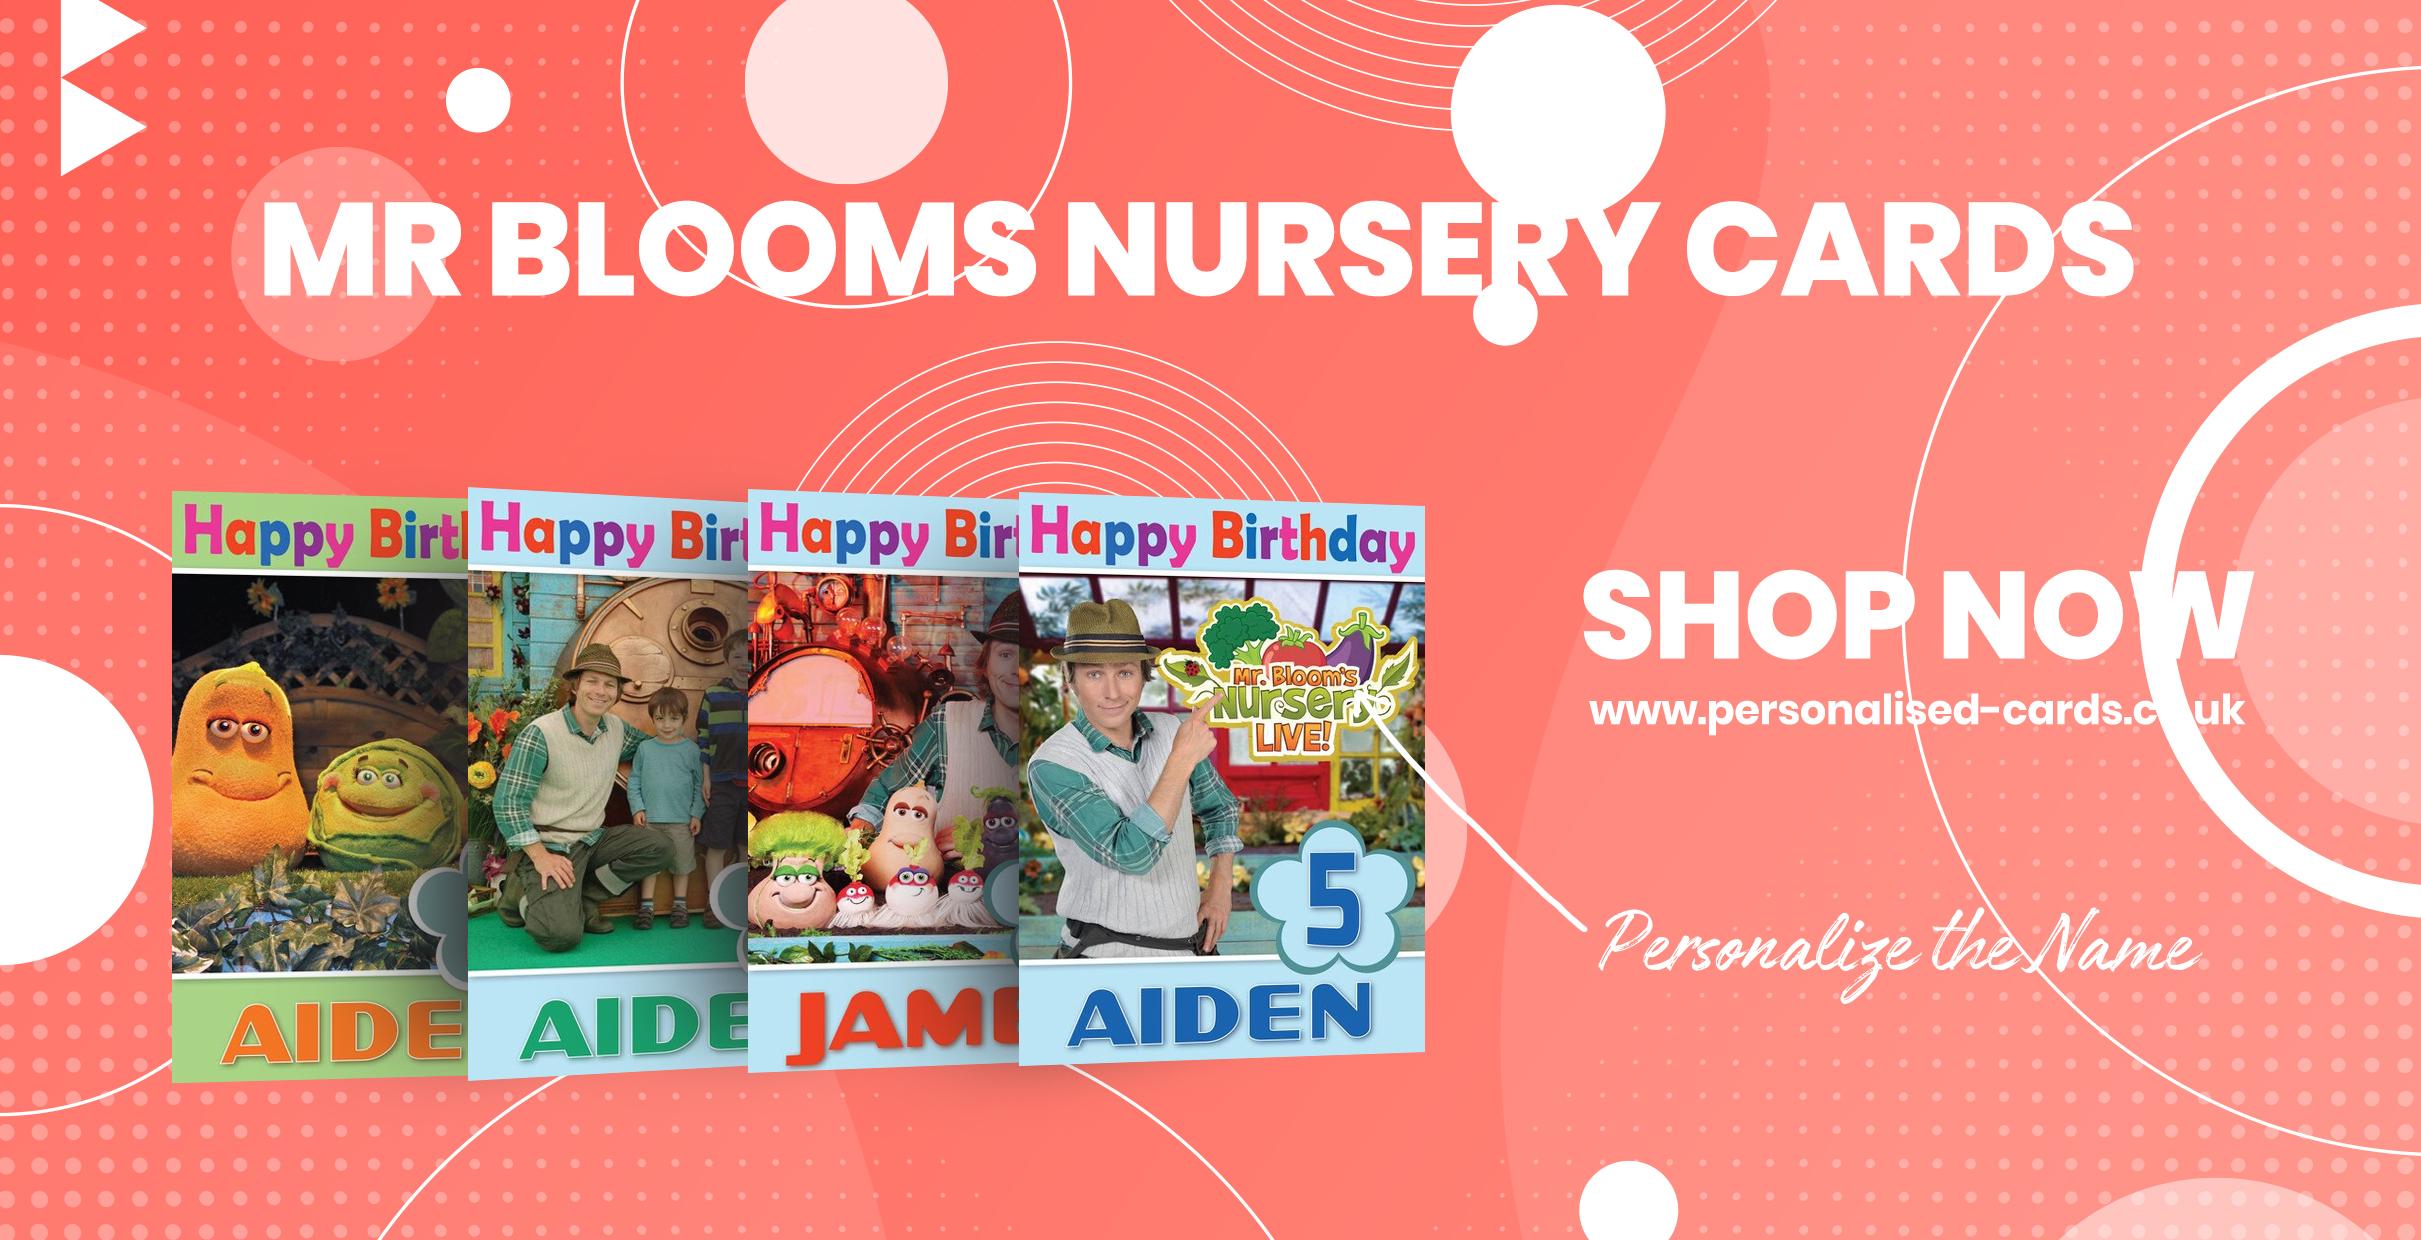 mr-blooms-nursery-cards.jpg